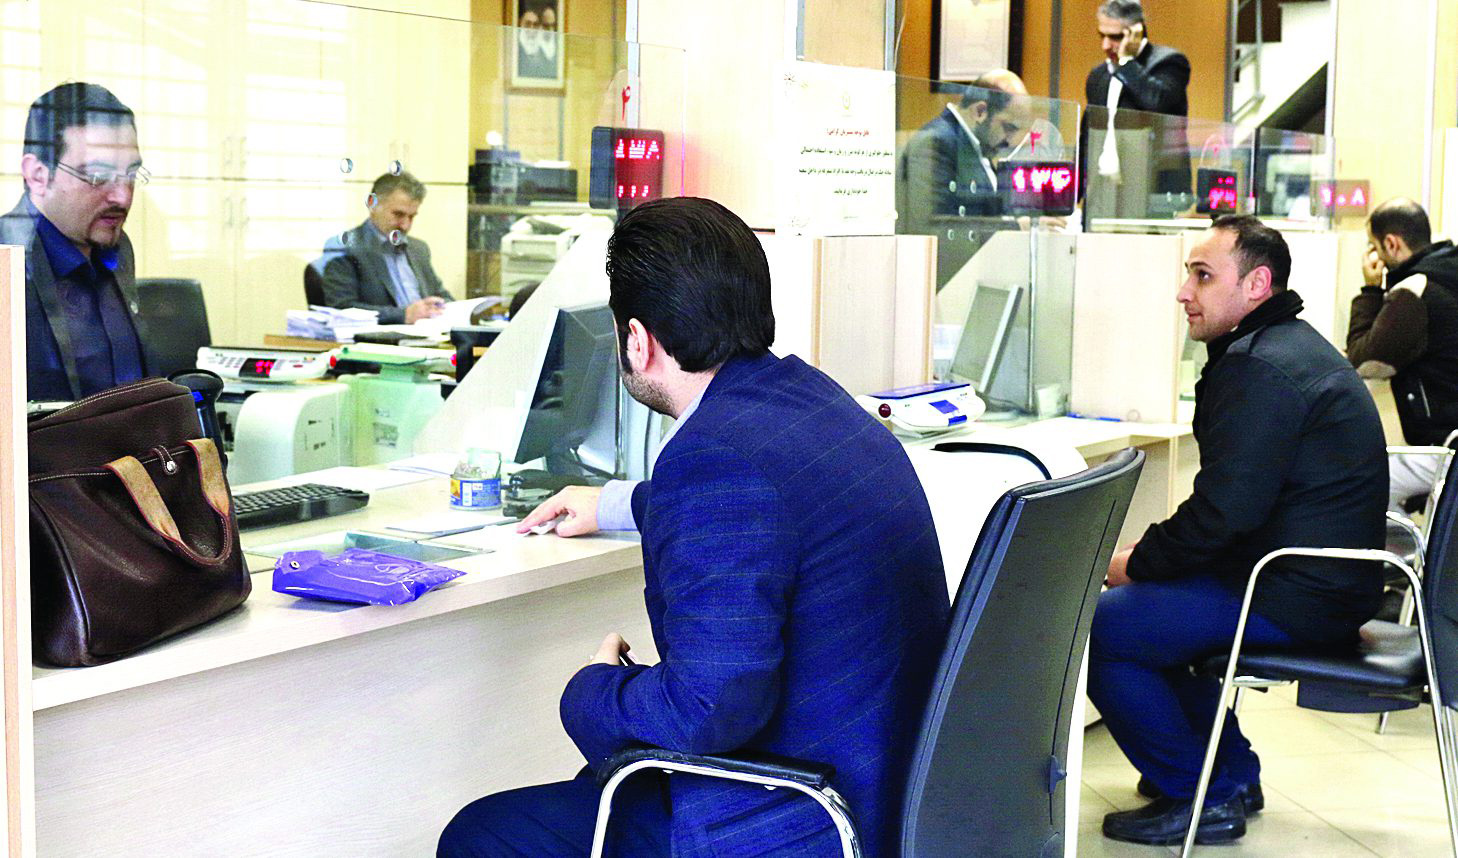 بانکهای دولتی و نیمه دولتی با دوسوم پرسنل فعالیت میکنند